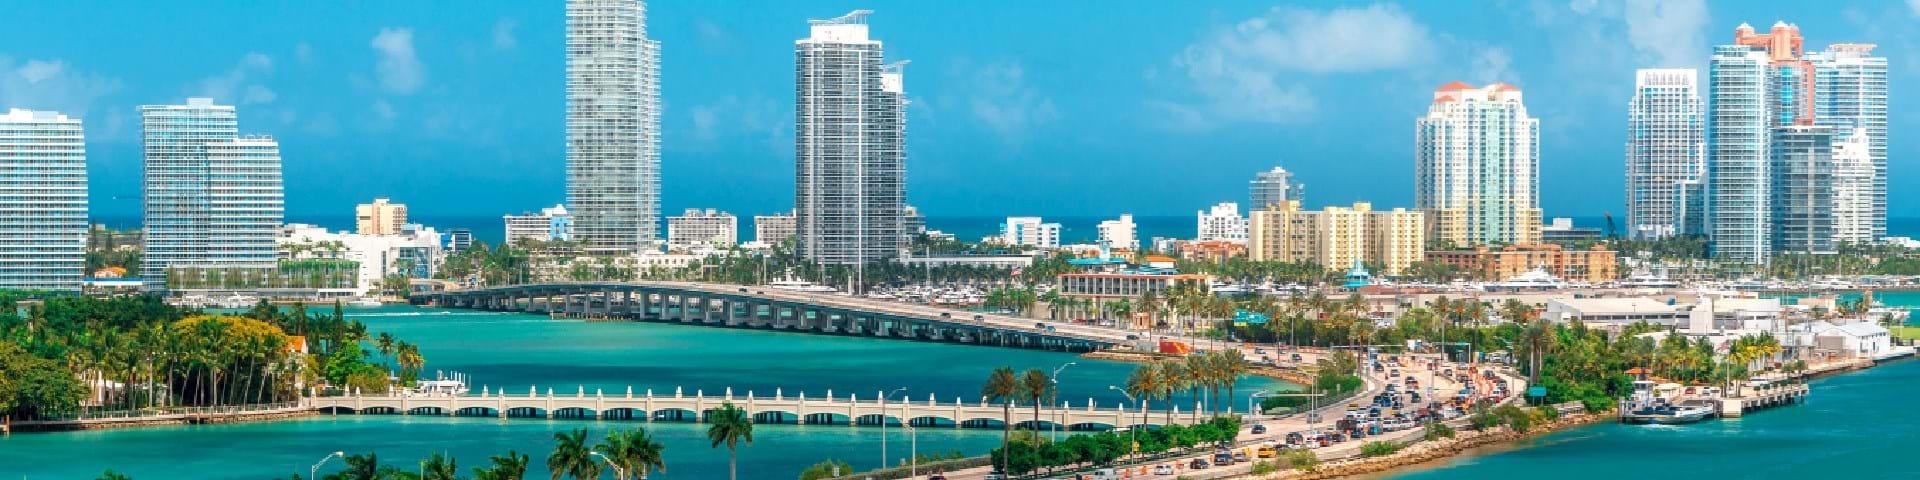 Miami Tours